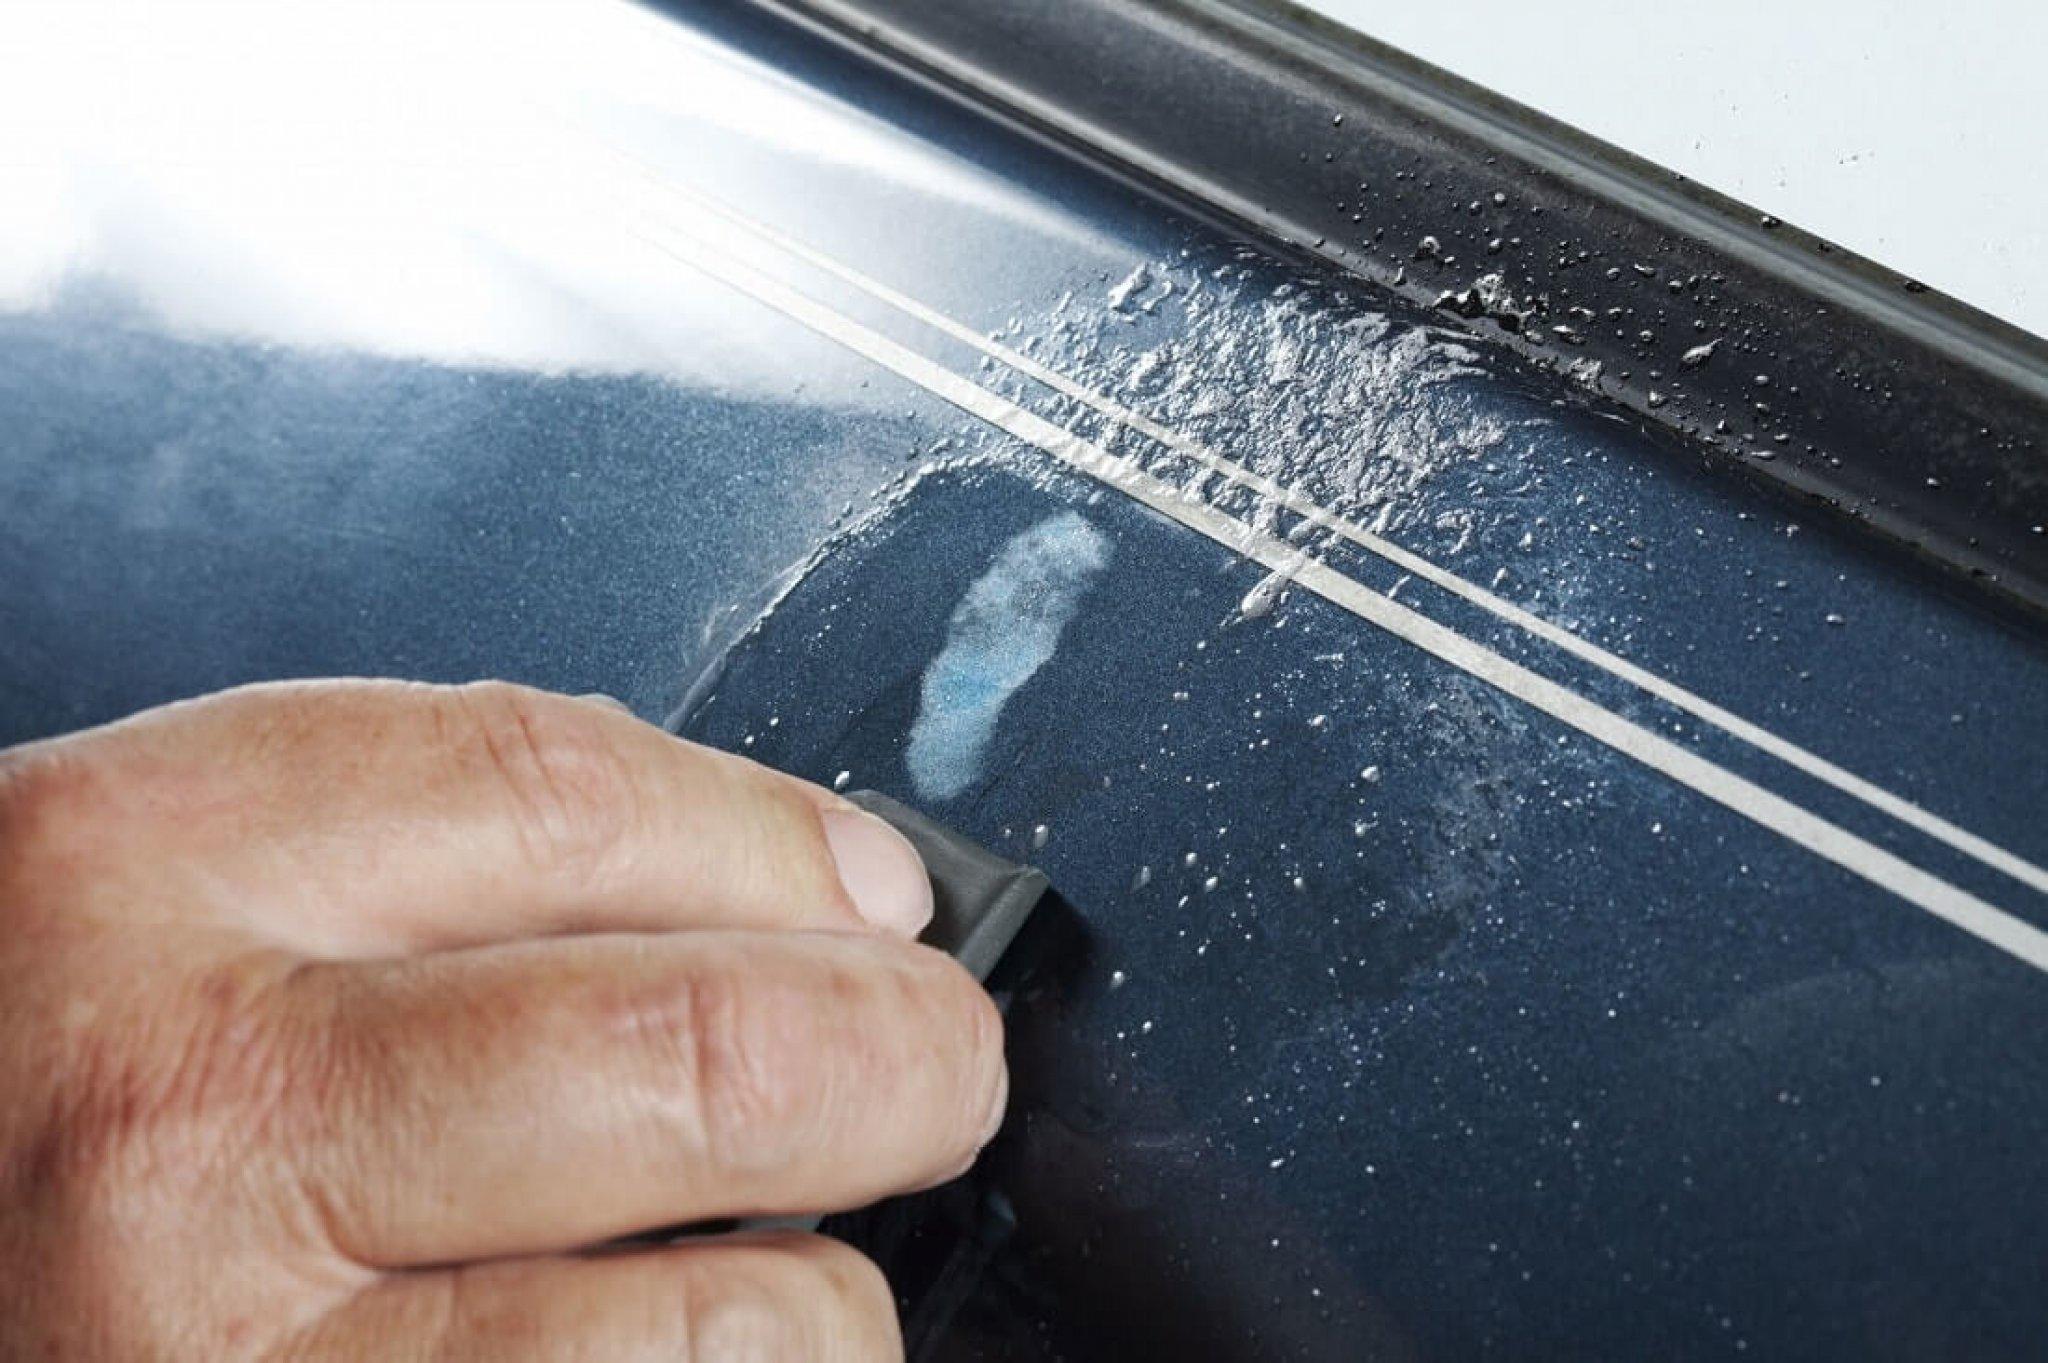 Полировка кузова автомобиля от царапин - варианты решения проблемы